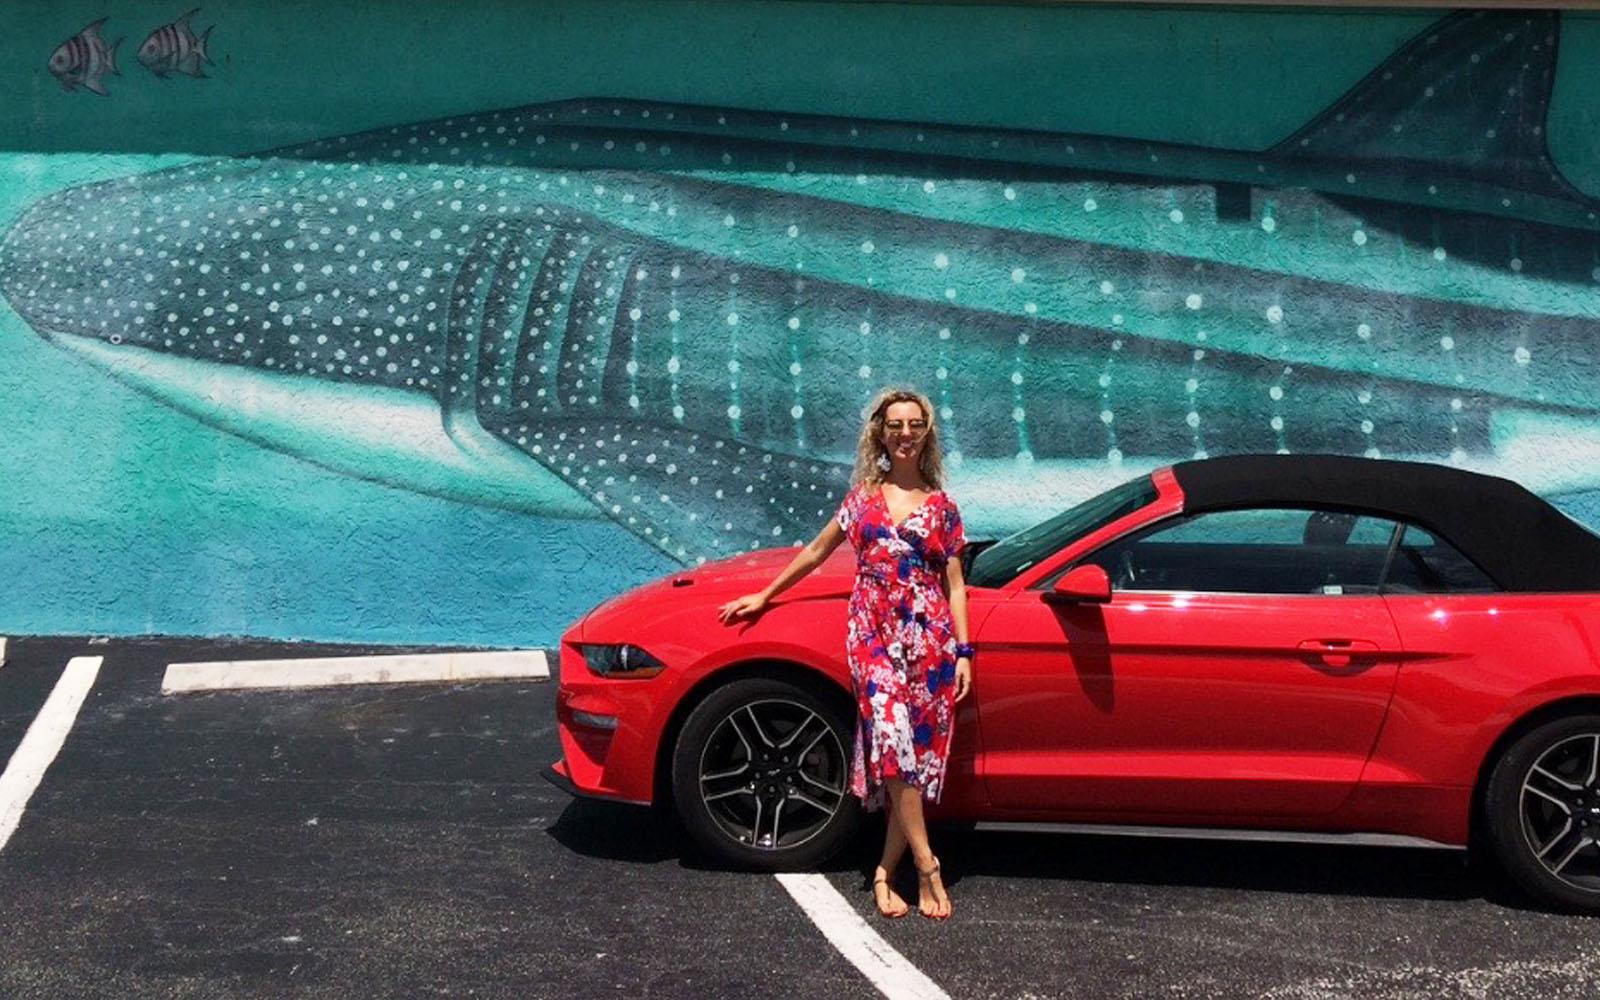 La macchina che mi ha condotto alla scoperta delle Keys, una Ford Mustang cabriolet rosso brillante.